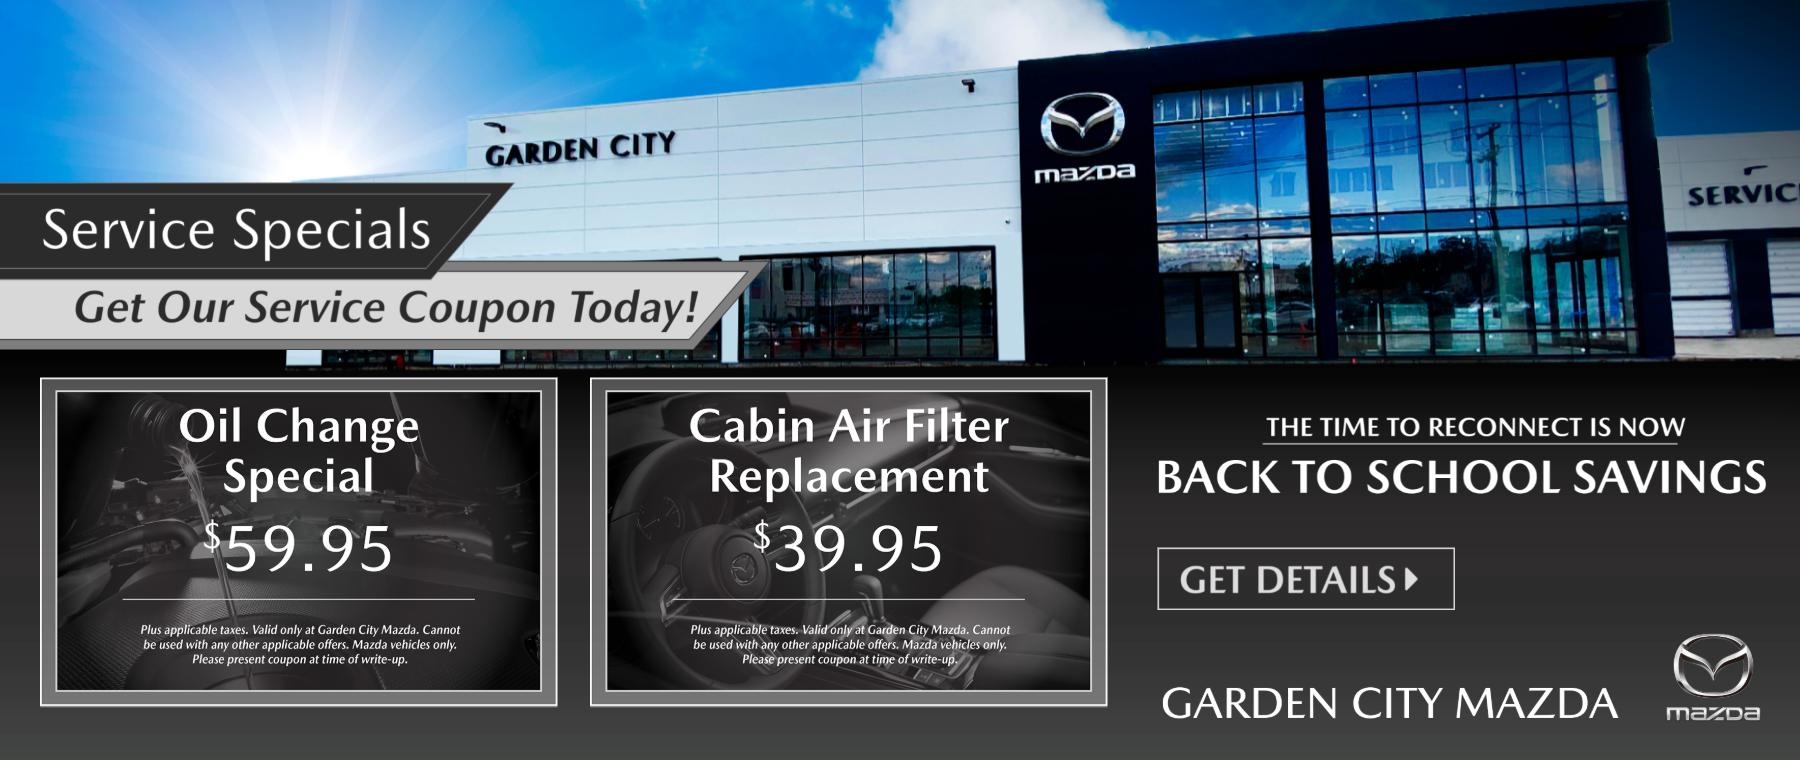 2021.07.28_Garden City Mazda AUG Web_S53417ll-03